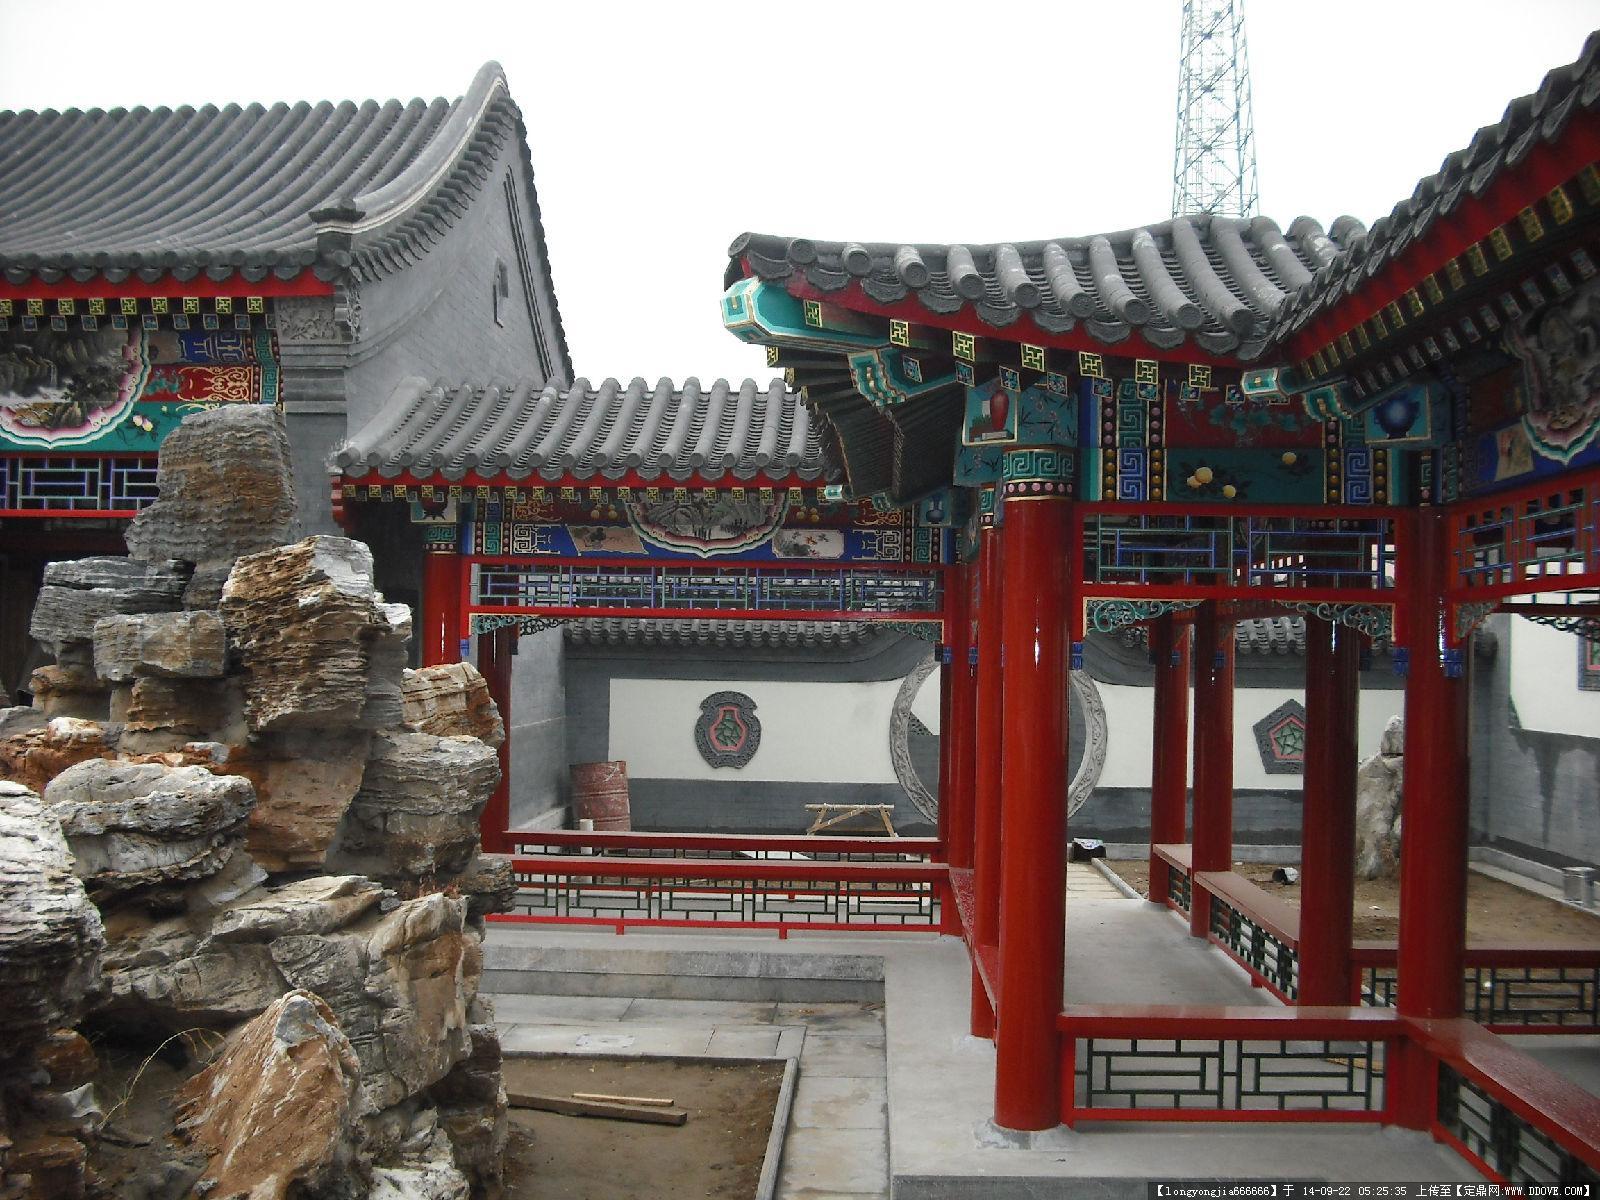 古建彩绘图案 003的图片浏览,建筑实景照片,中国古建